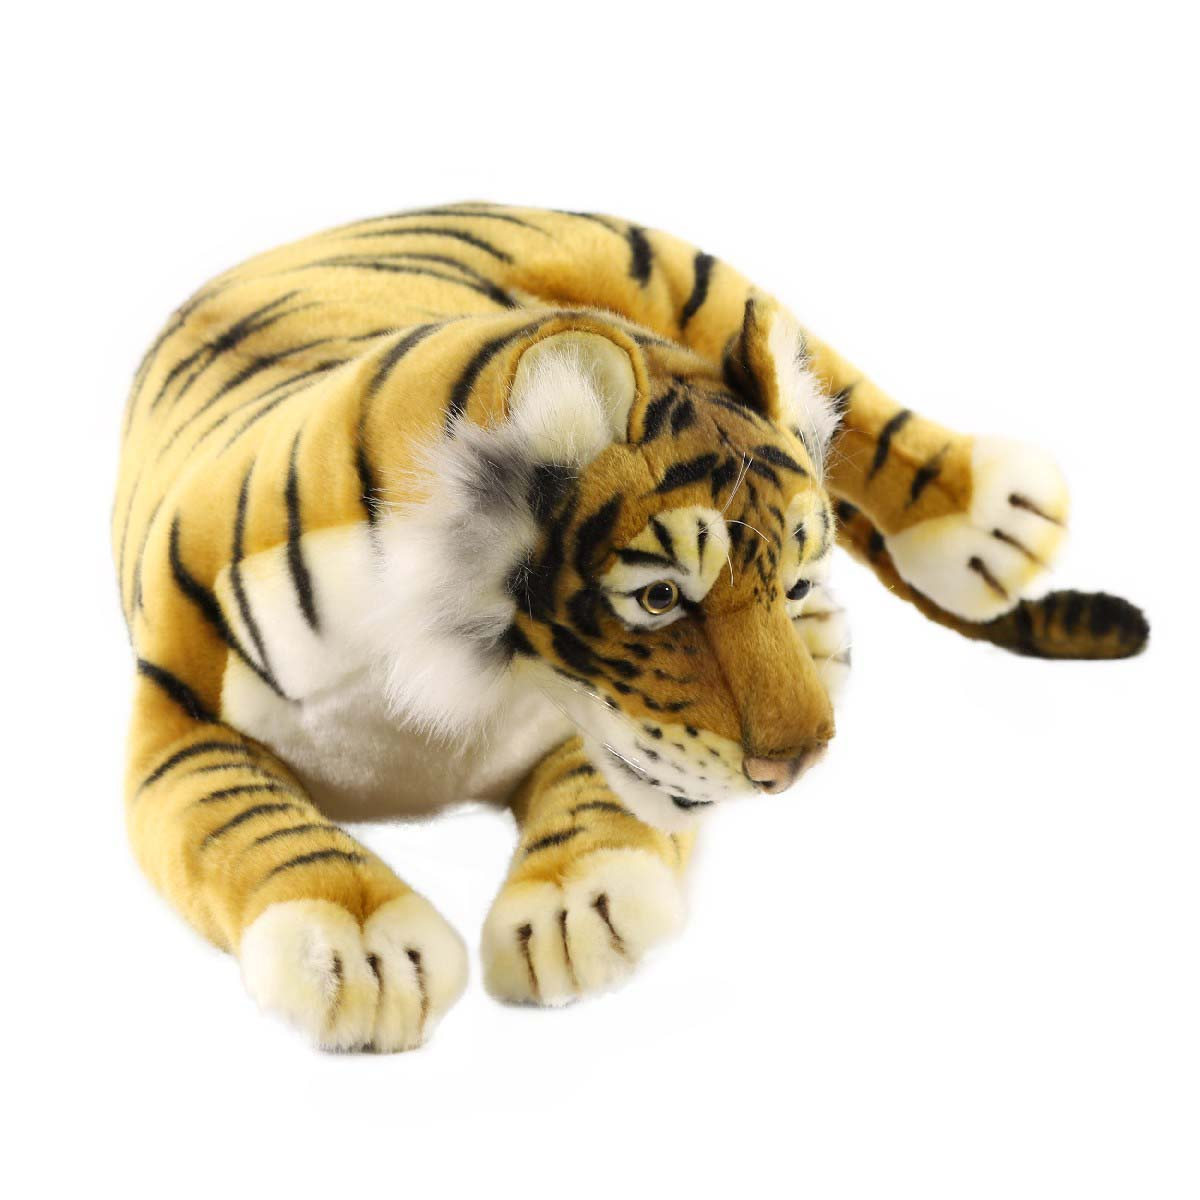 Купить Мягкая игрушка - Тигр лежащий, 60 см, Hansa